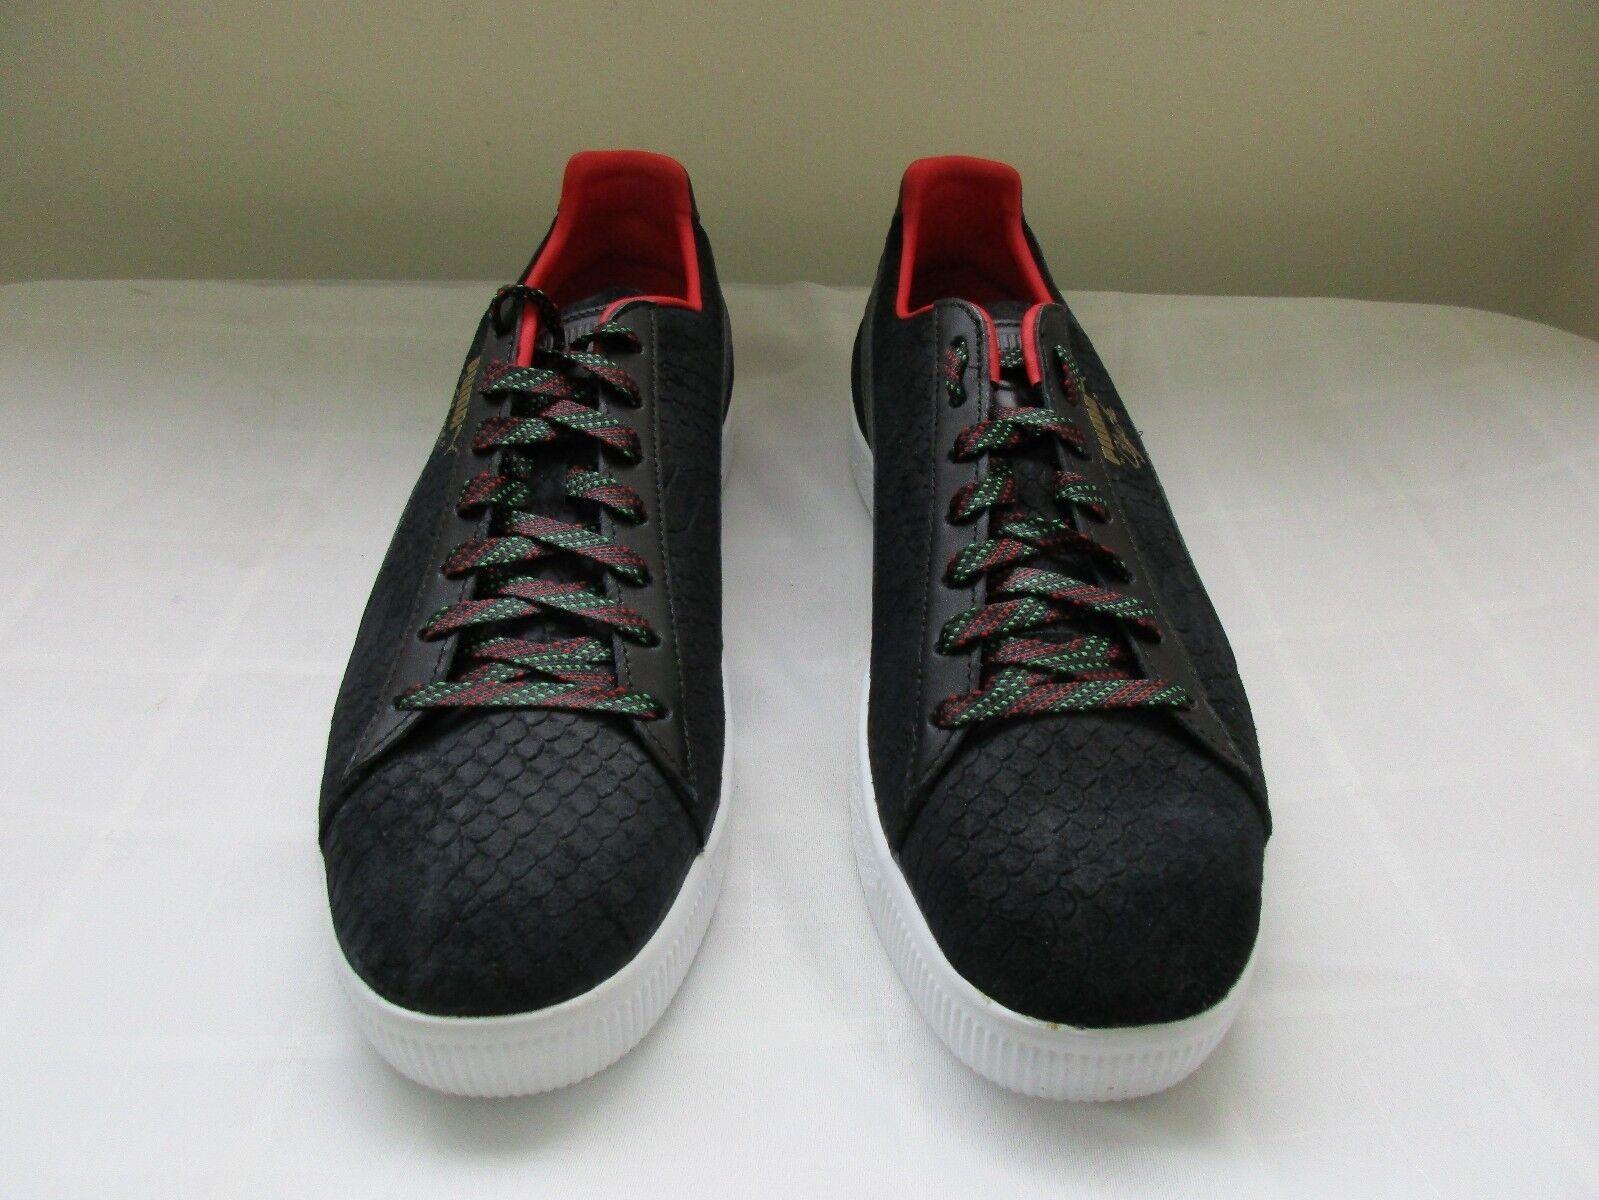 Nuevo Para Hombre Puma Clyde GCC Casuales Atléticas Tenis Zapatos 36263101 Negro Rojo DC W25